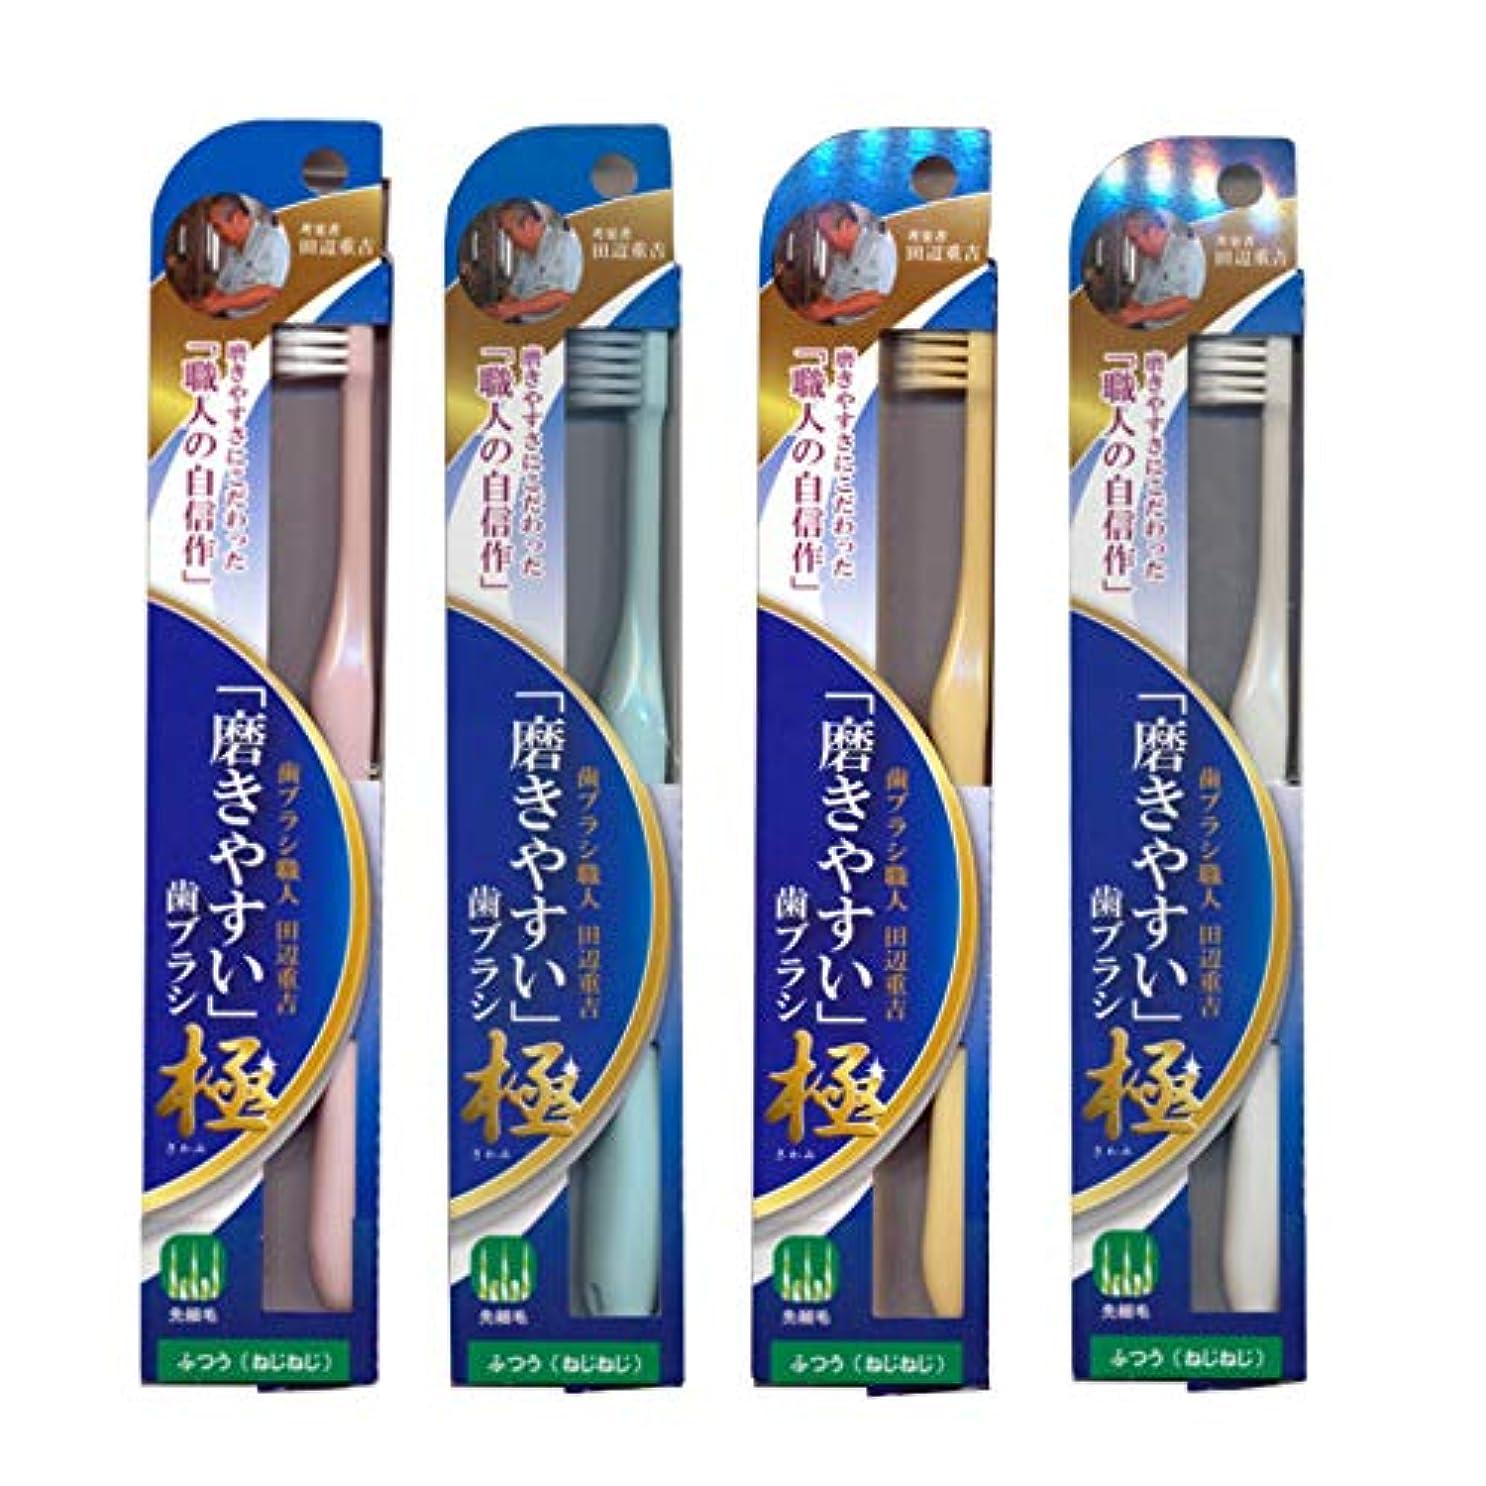 規制メリー含む磨きやすい歯ブラシ極 (ふつう ねじねじ) LT-45×4本セット(ピンク×1、ブルー×1、ホワイト×1、イエロー×1) 先細毛